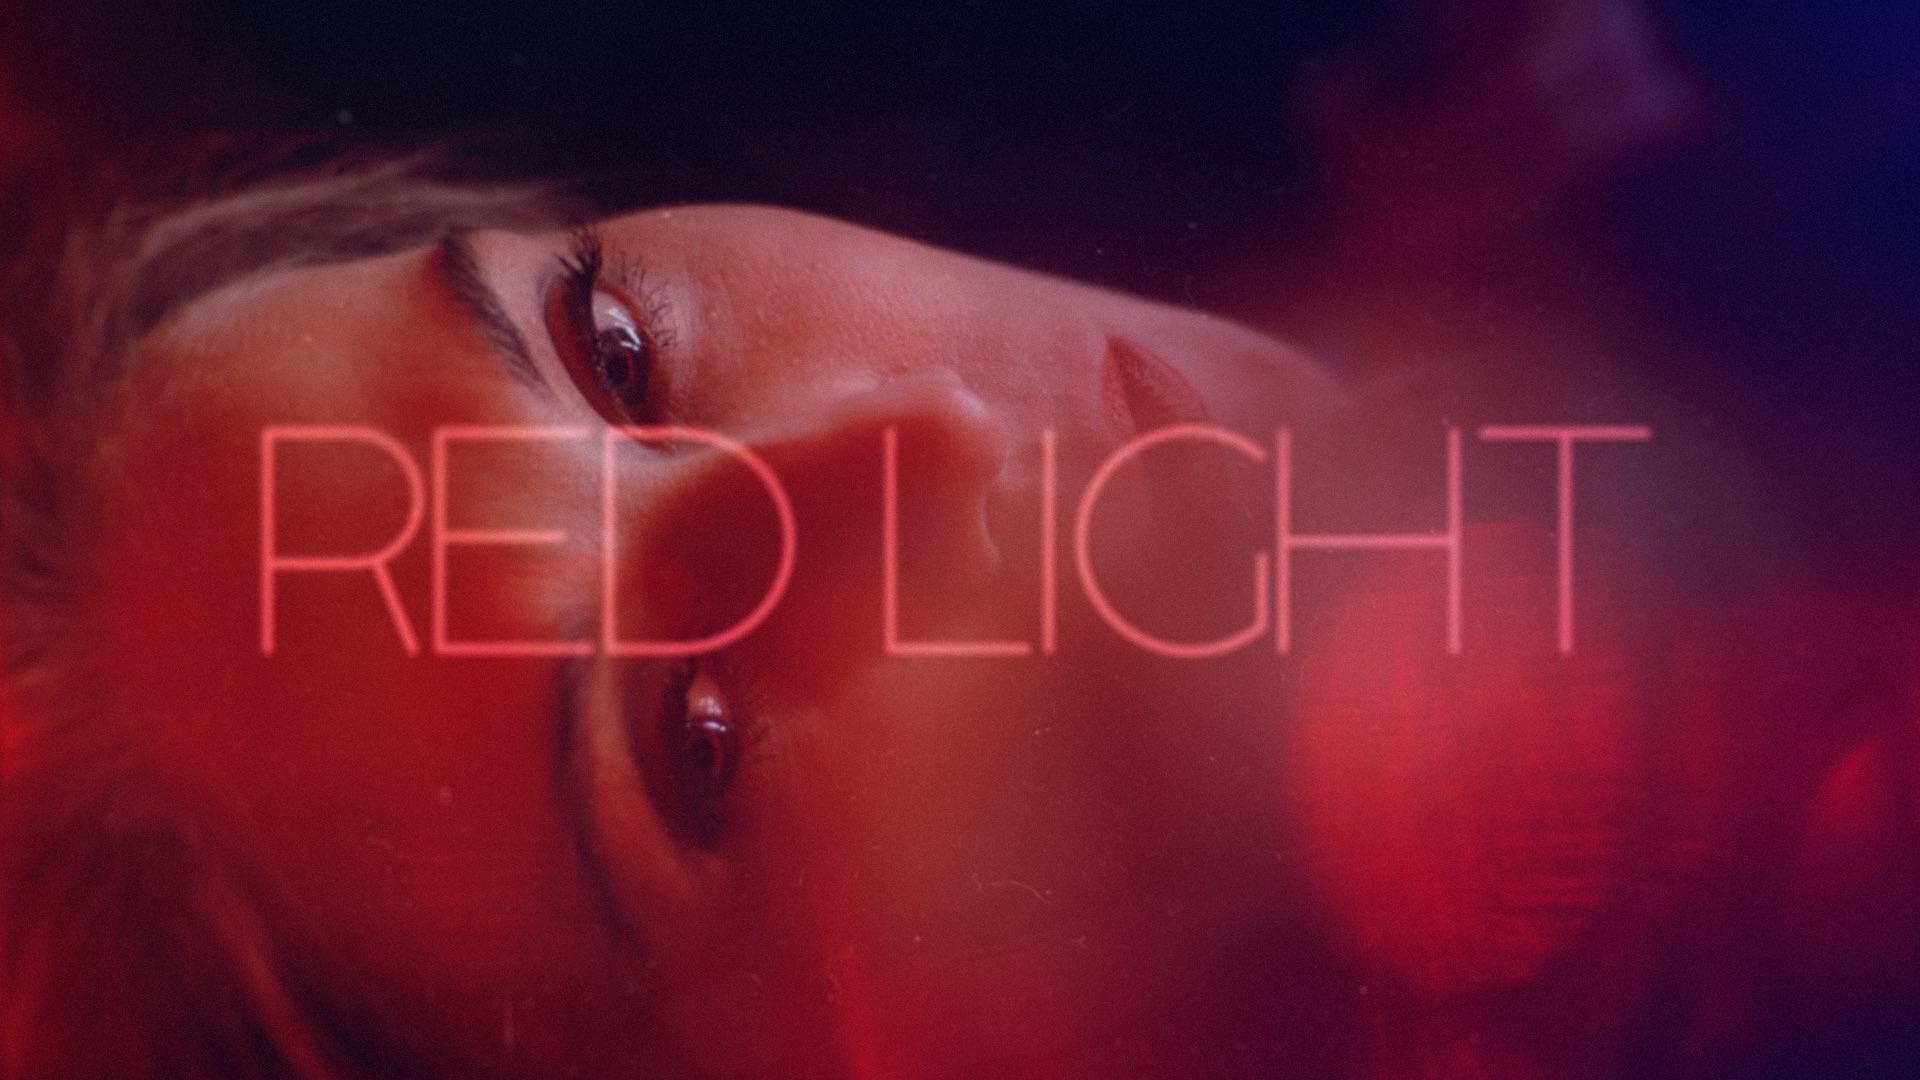 Video: Red Light teaser met audiodescriptie.